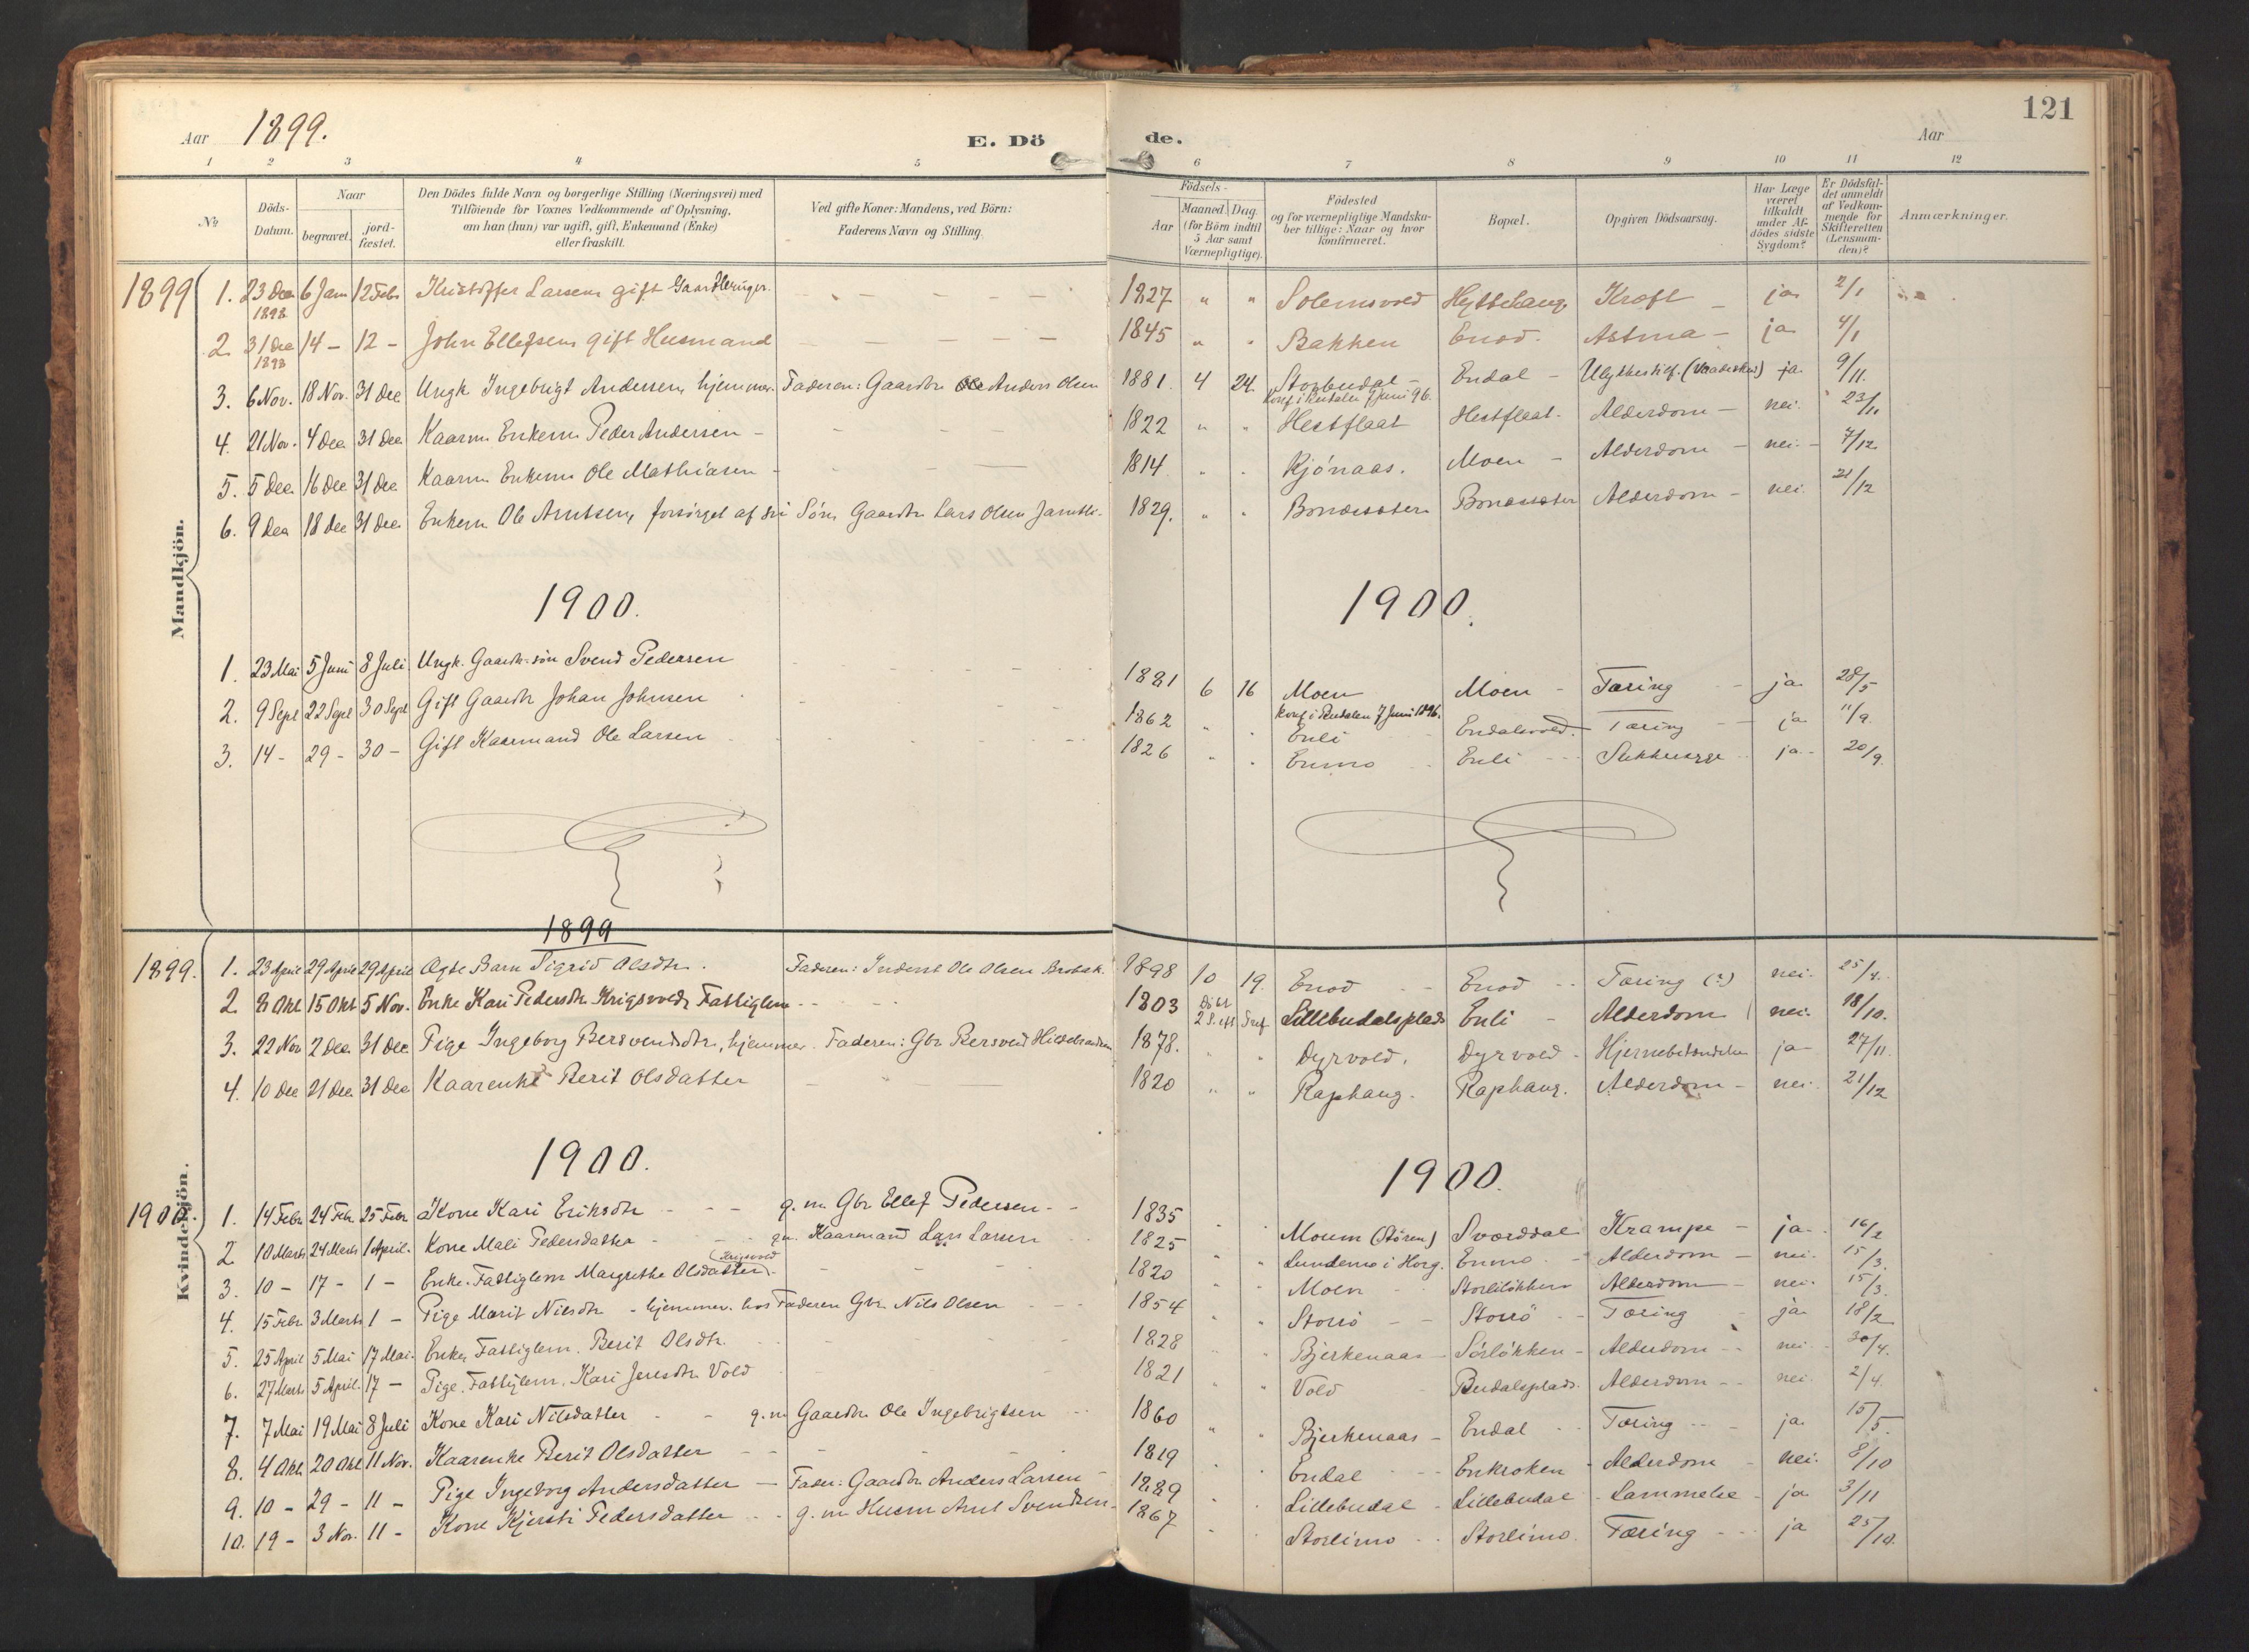 SAT, Ministerialprotokoller, klokkerbøker og fødselsregistre - Sør-Trøndelag, 690/L1050: Ministerialbok nr. 690A01, 1889-1929, s. 121